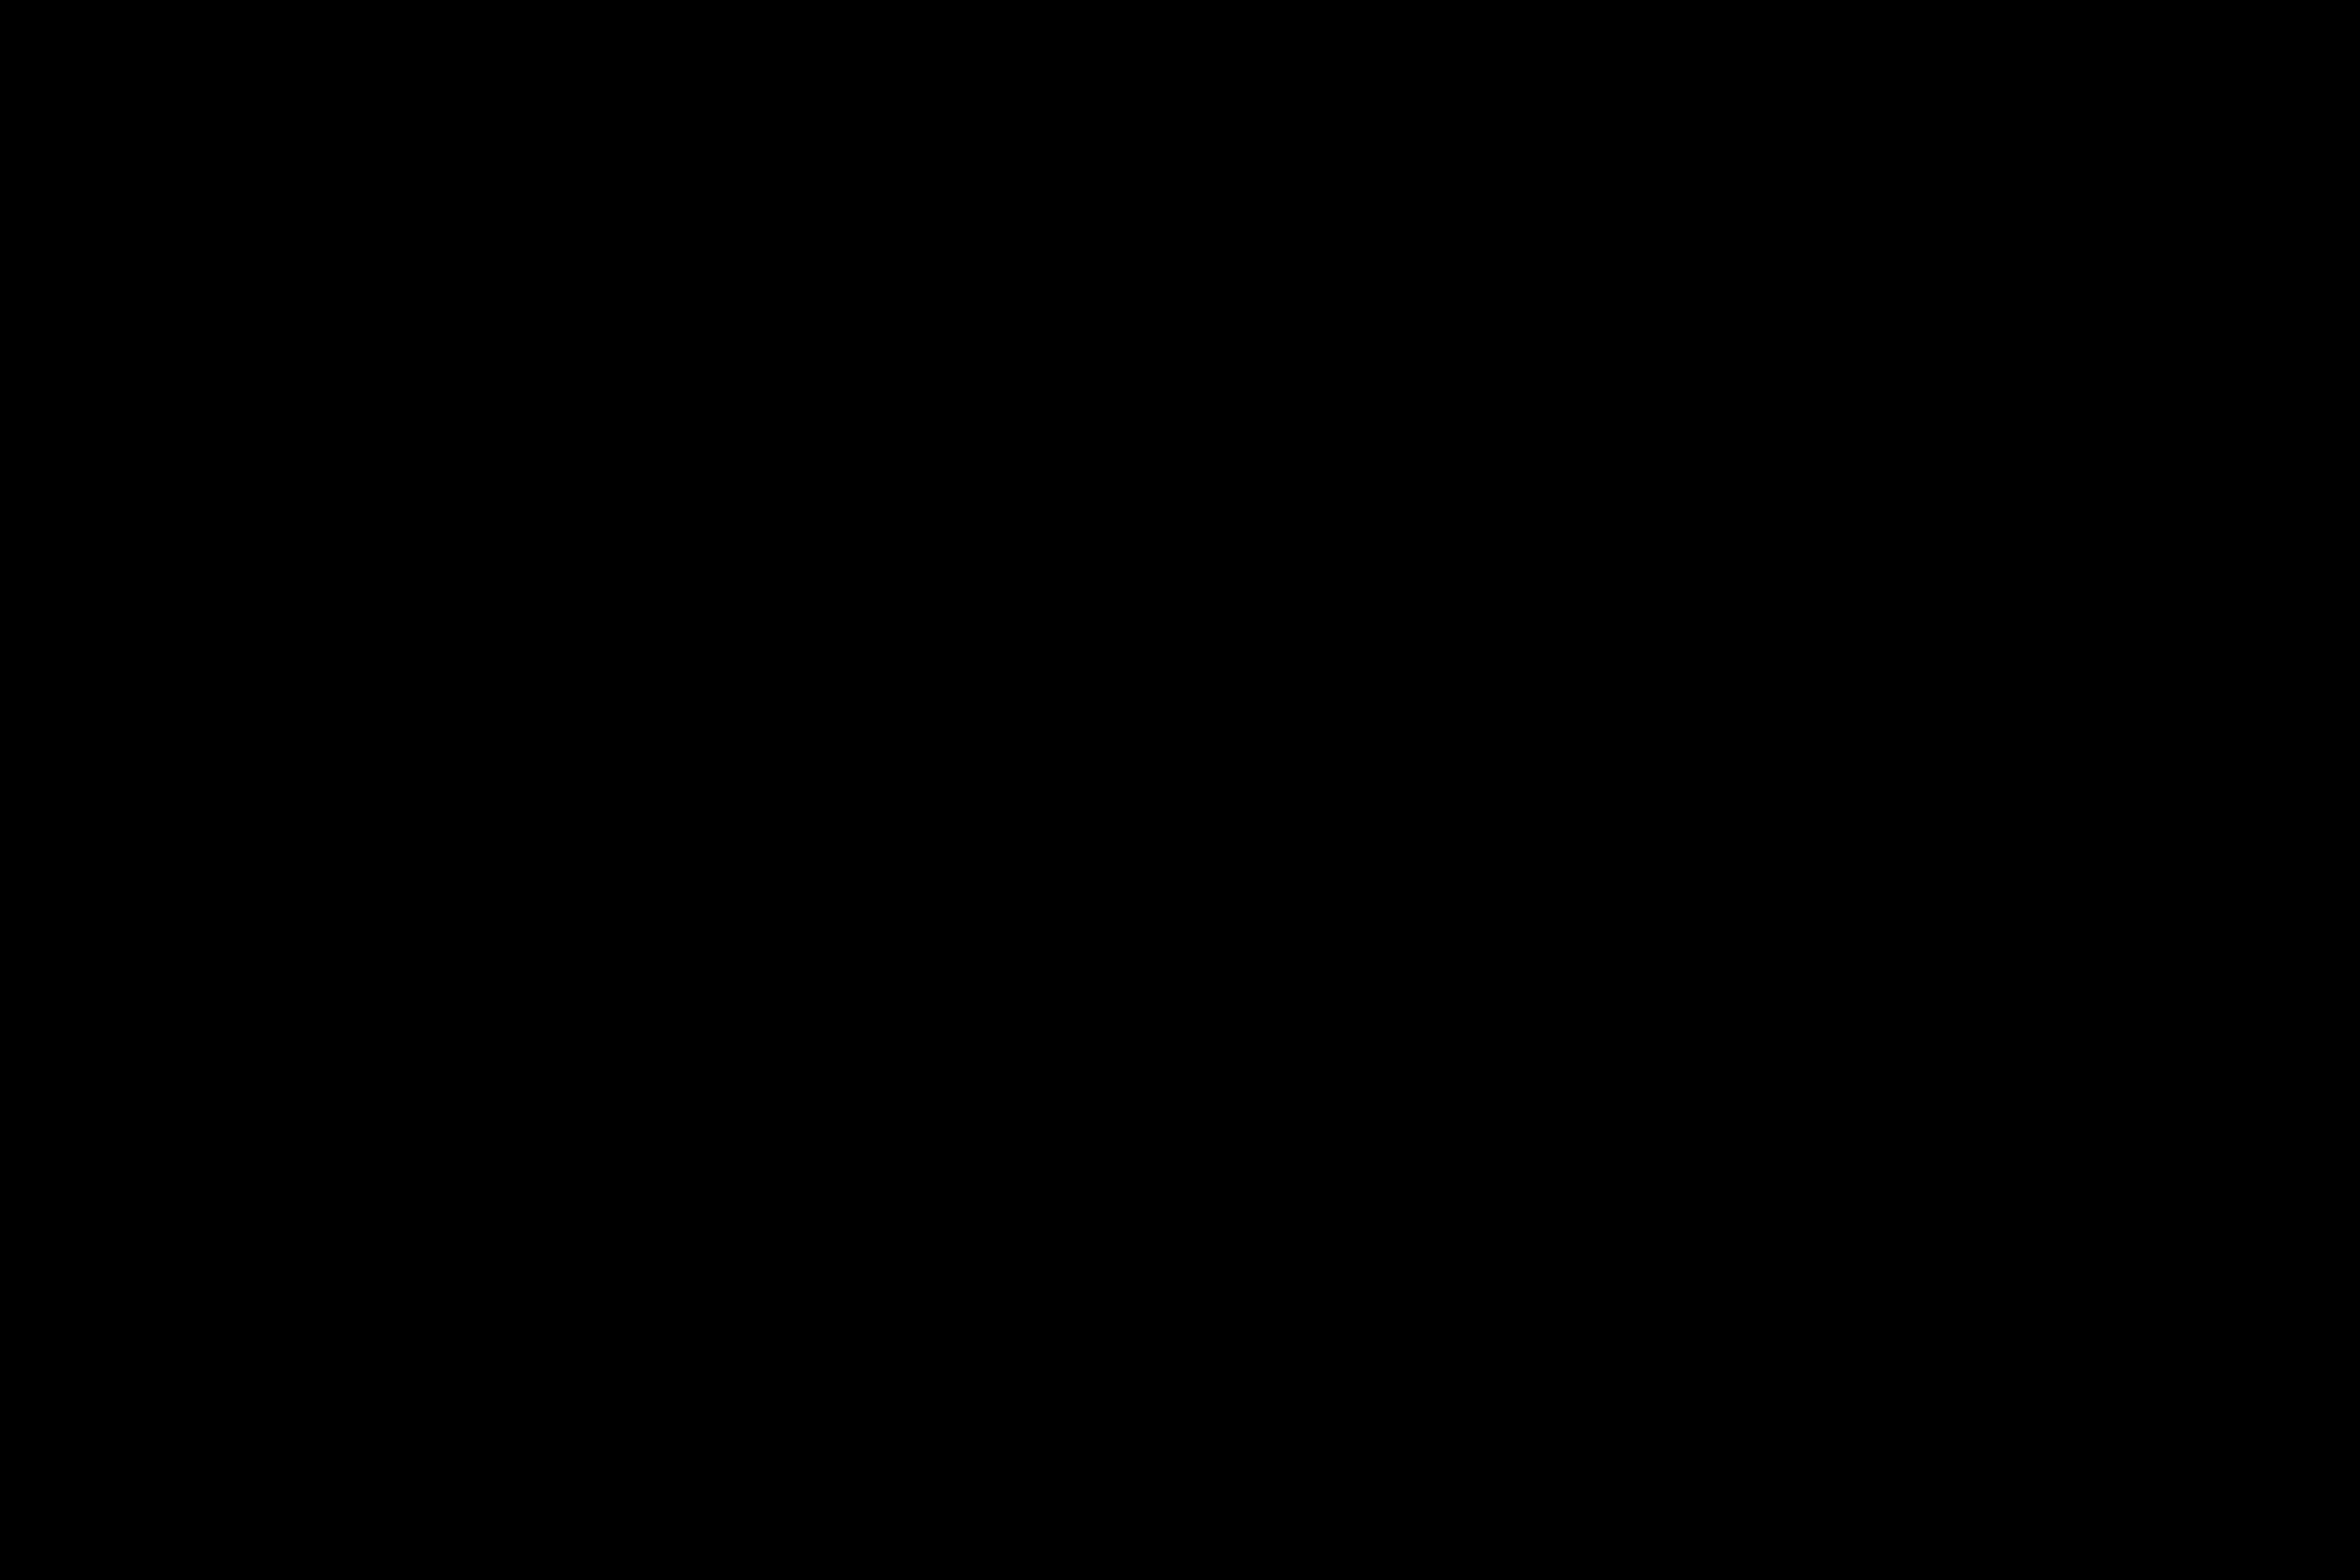 Las Mercedes del Cabriel, tinto de bobal